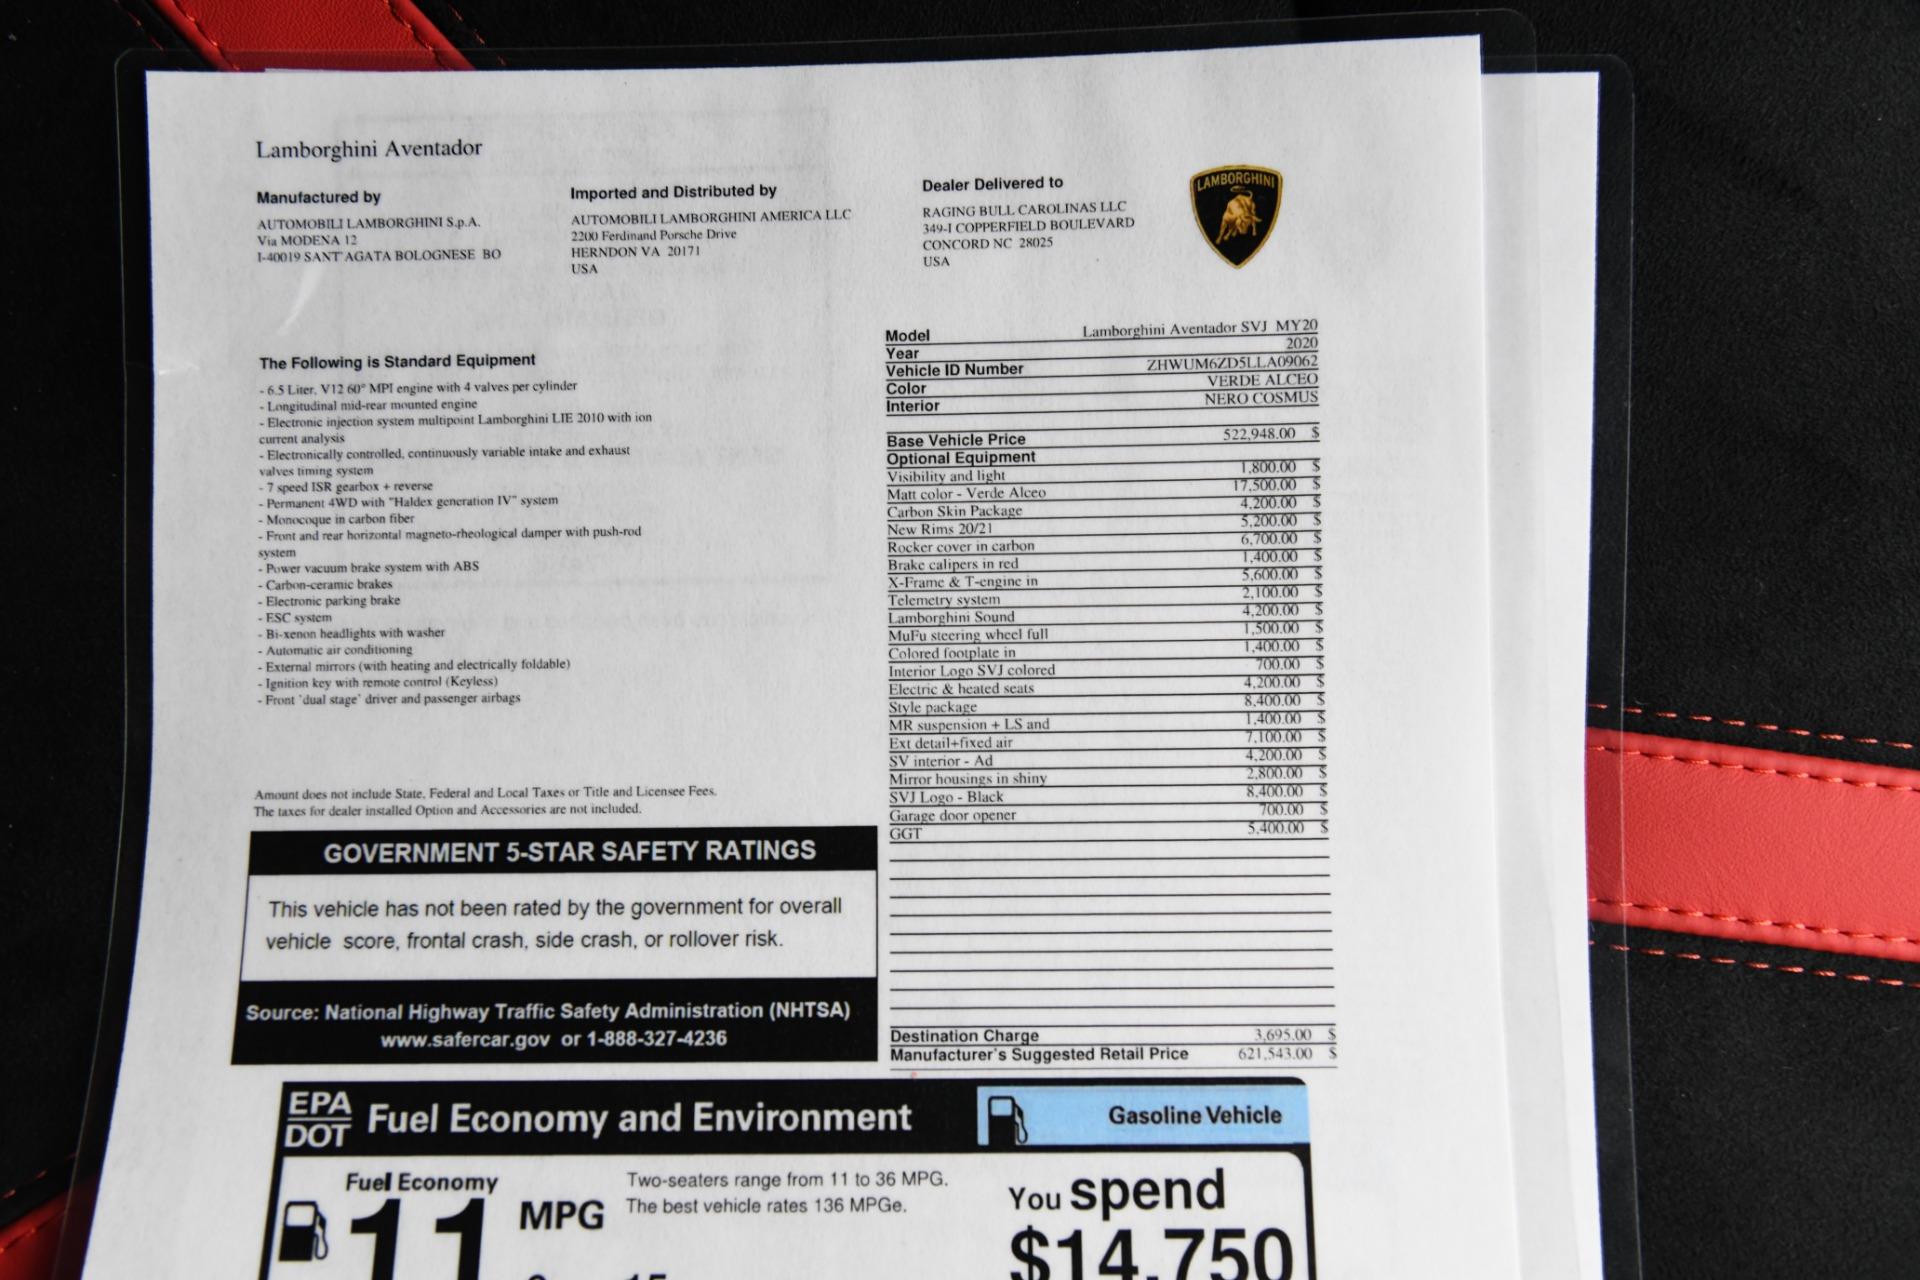 New 2020 Lamborghini Aventador SVJ LP 770-4 SVJ | Chicago, IL